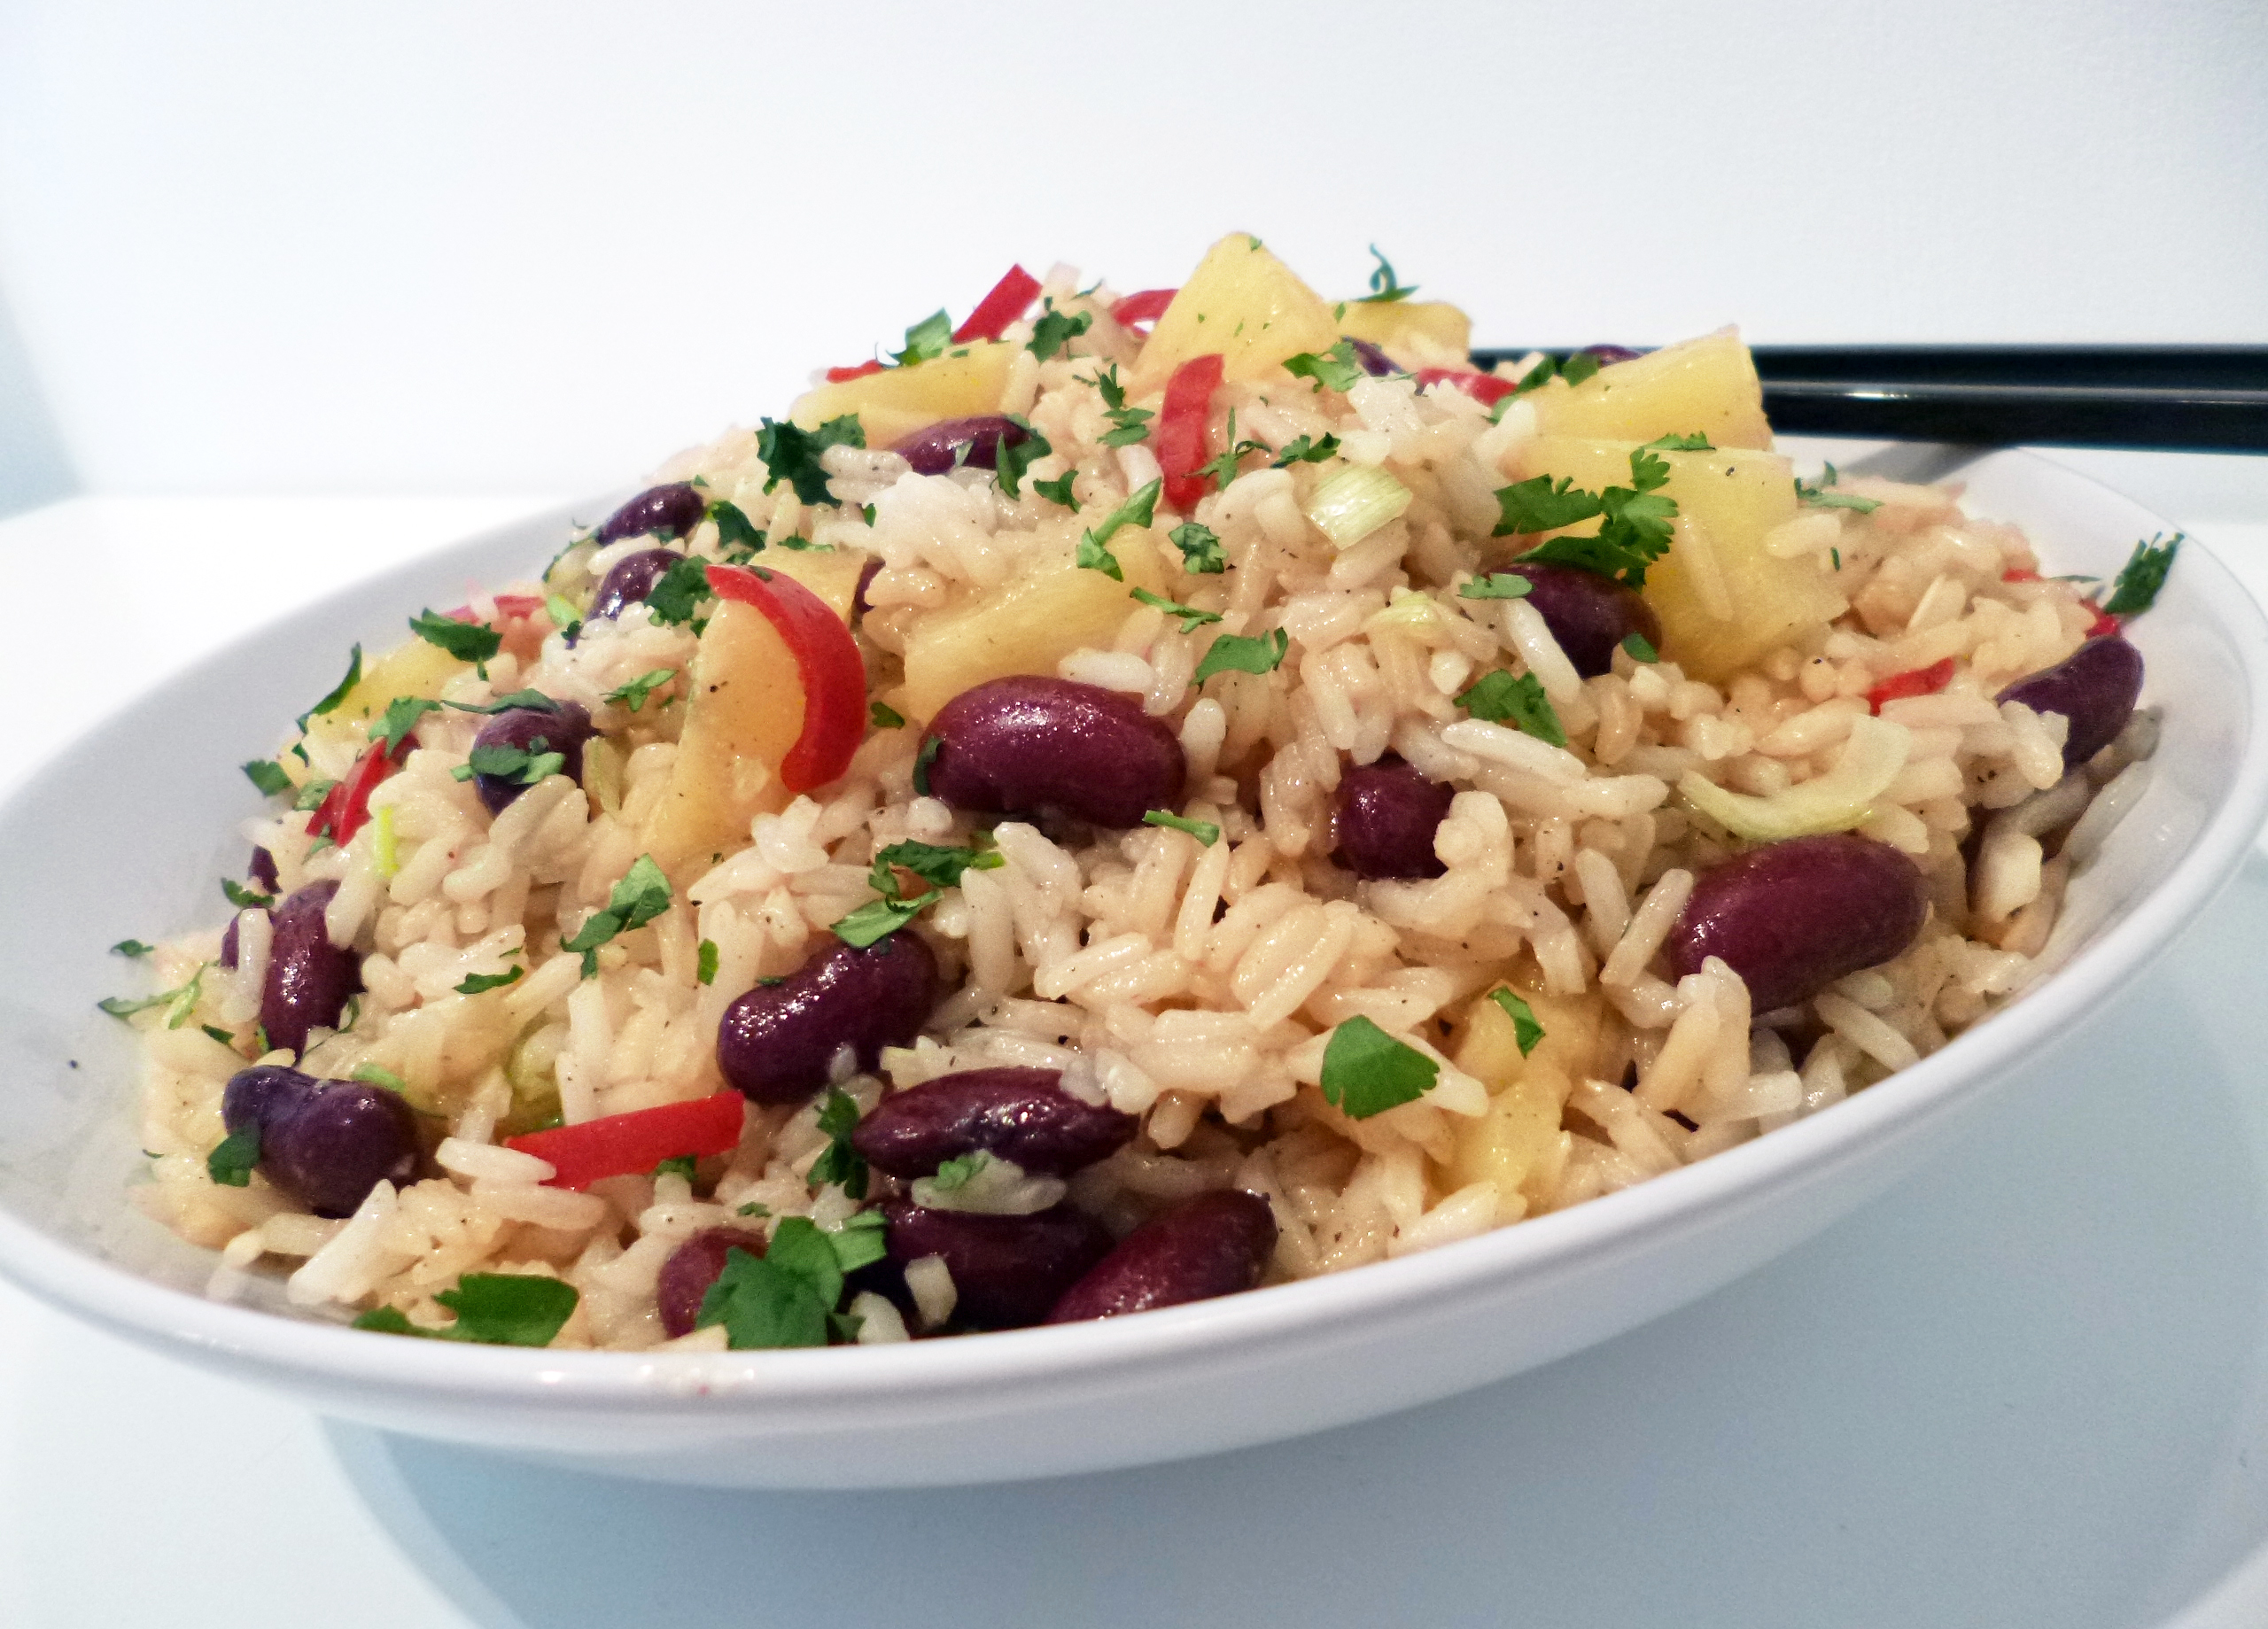 Salade de riz l 39 ananas la recette facile par toqu s 2 cuisine - Dose de riz par personne ...